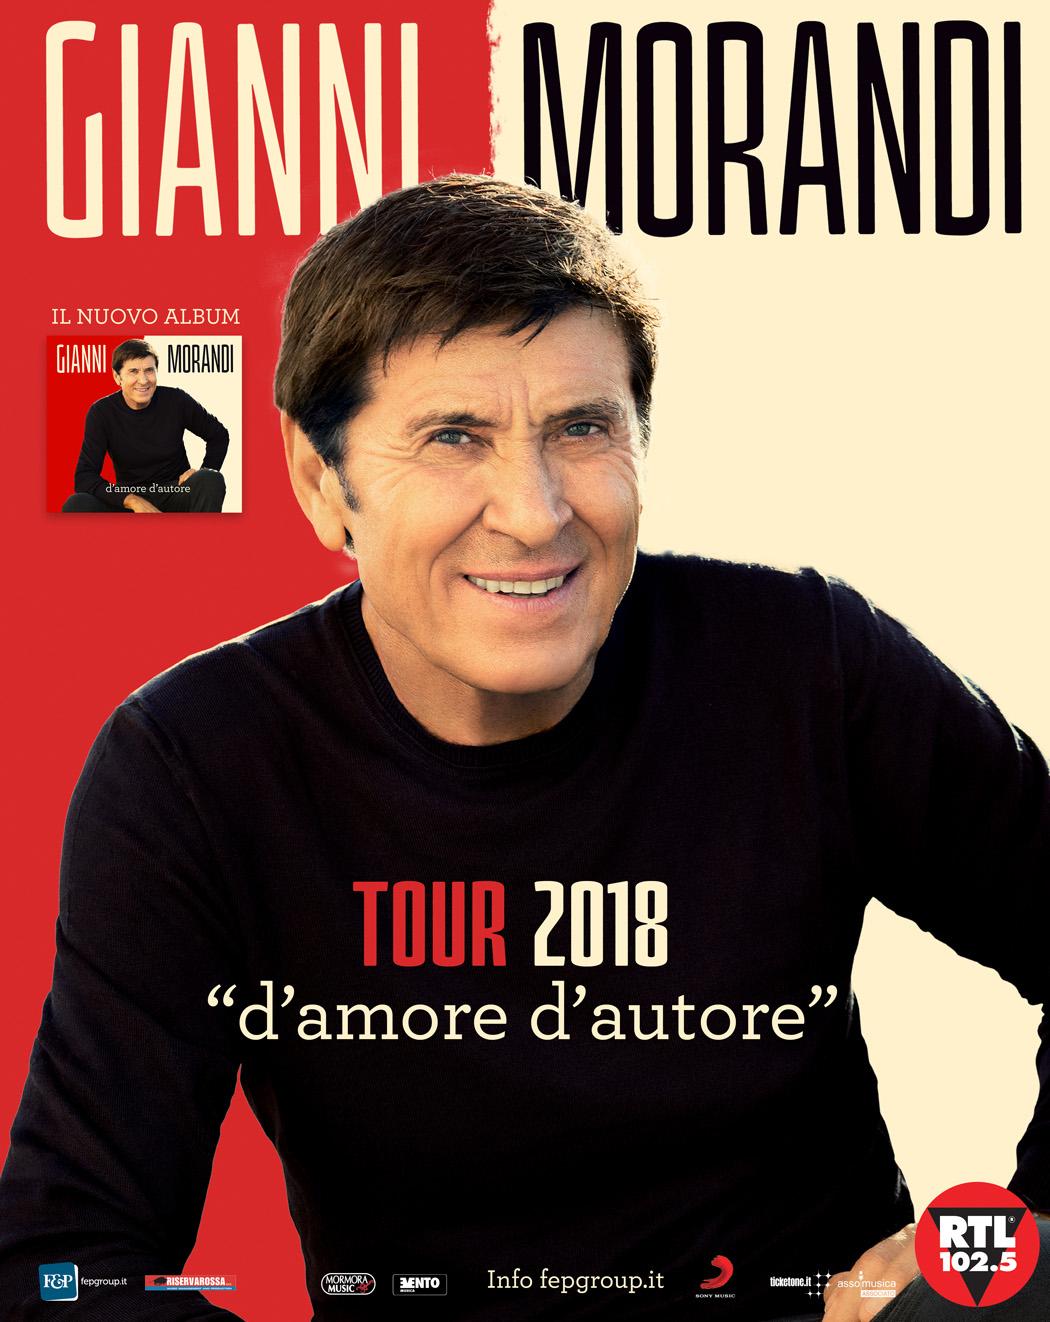 """GIANNI MORANDI PRONTO A CONQUISTARE IL PALASELE, LUNEDÌ 12 MARZO LA TAPPA DEL SUO TOUR 2018 """"D'AMORE D'AUTORE"""""""